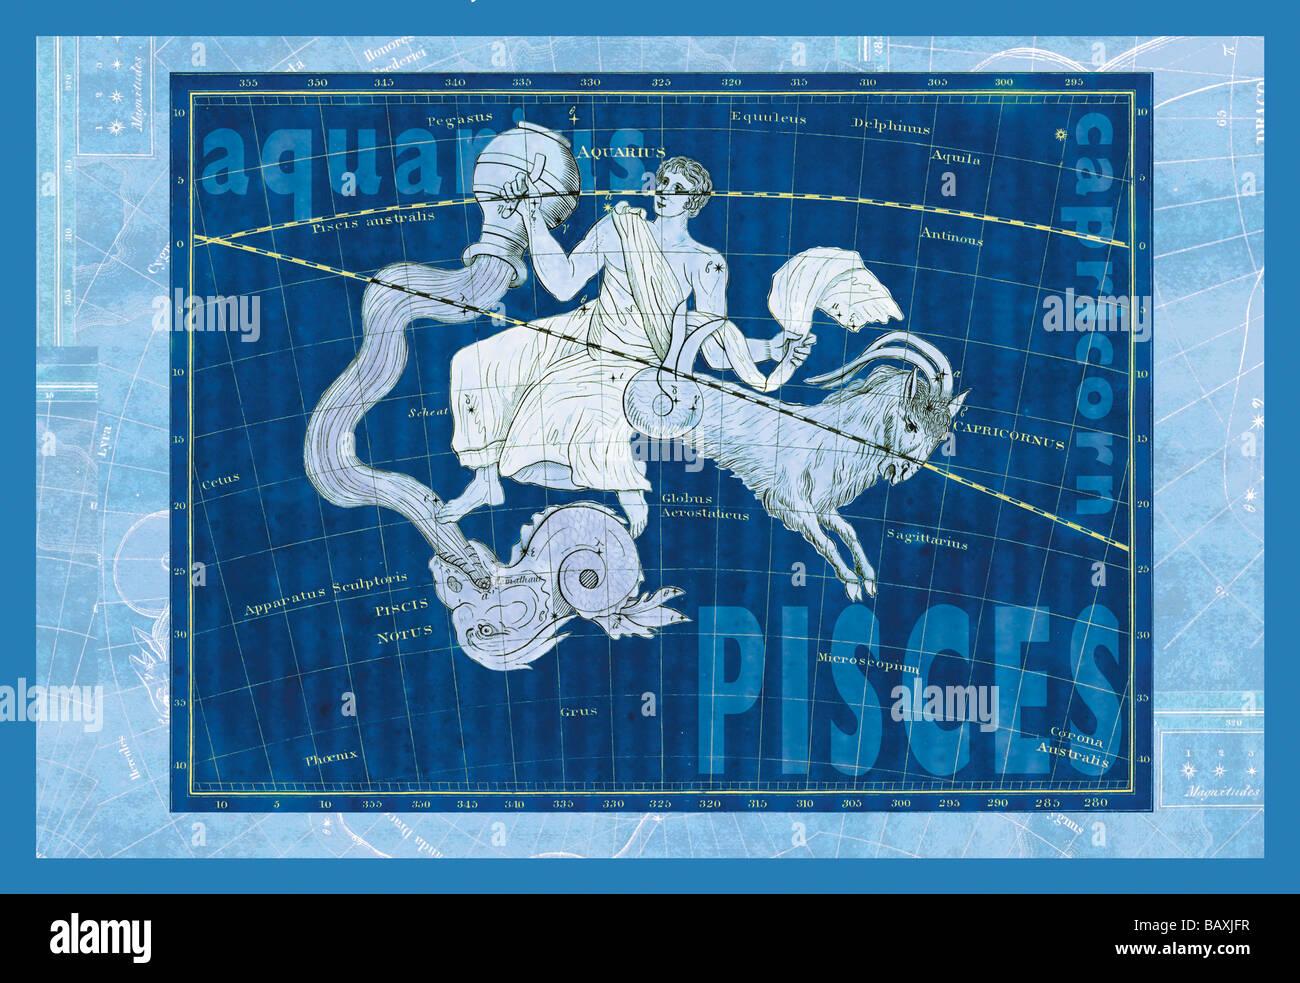 Capricorn and Aquarius #2 - Stock Image